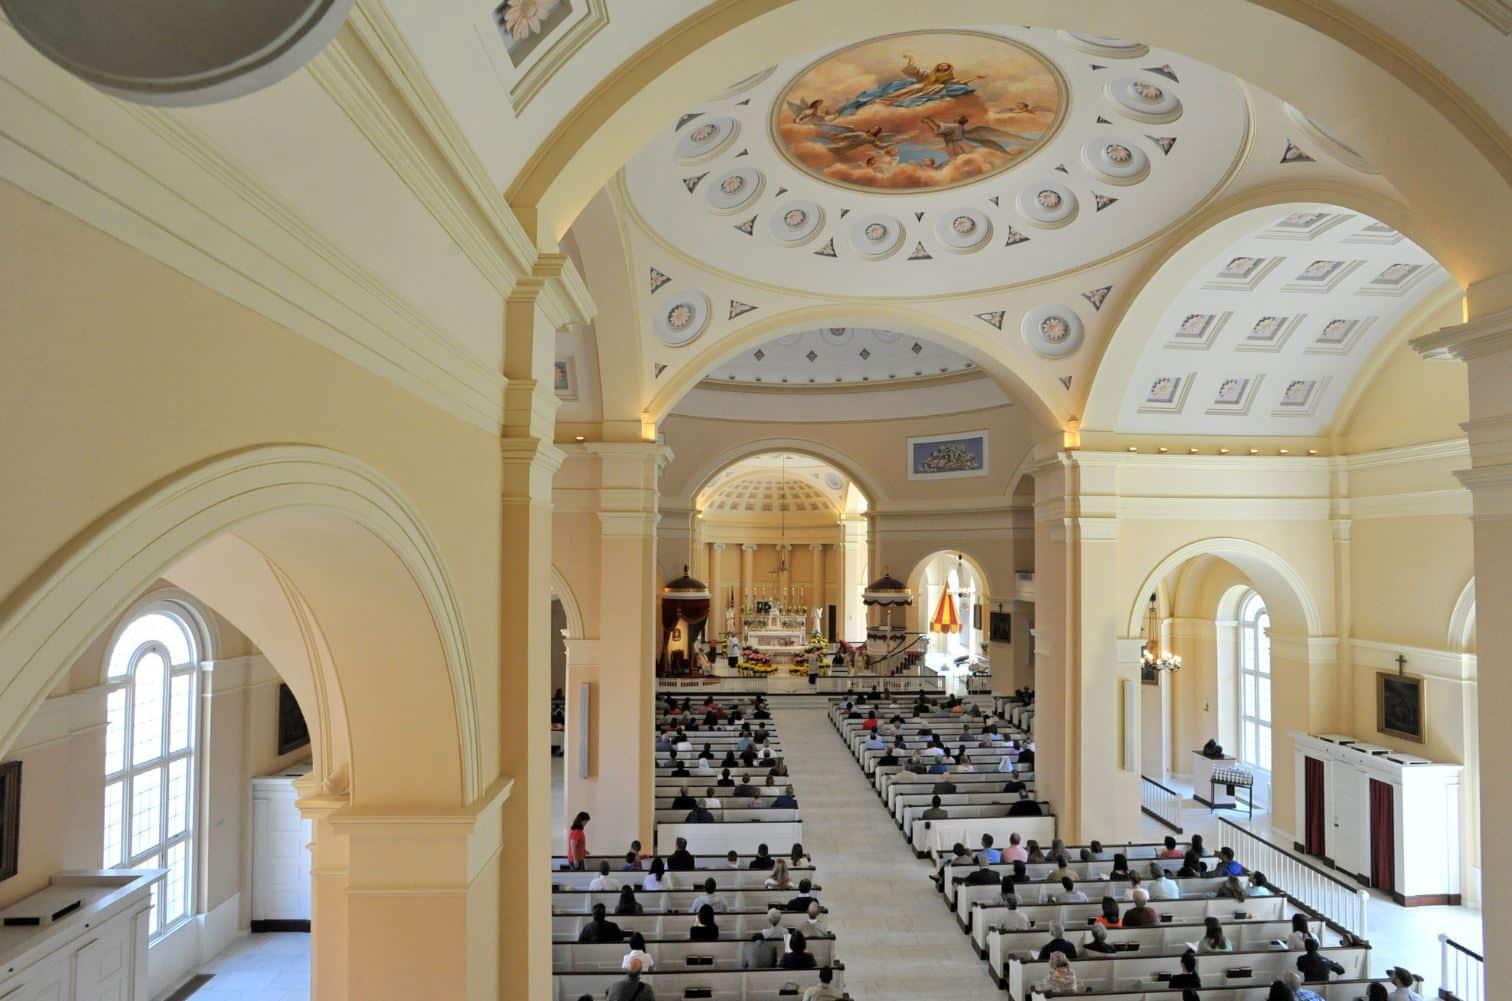 Baltimore Basilica